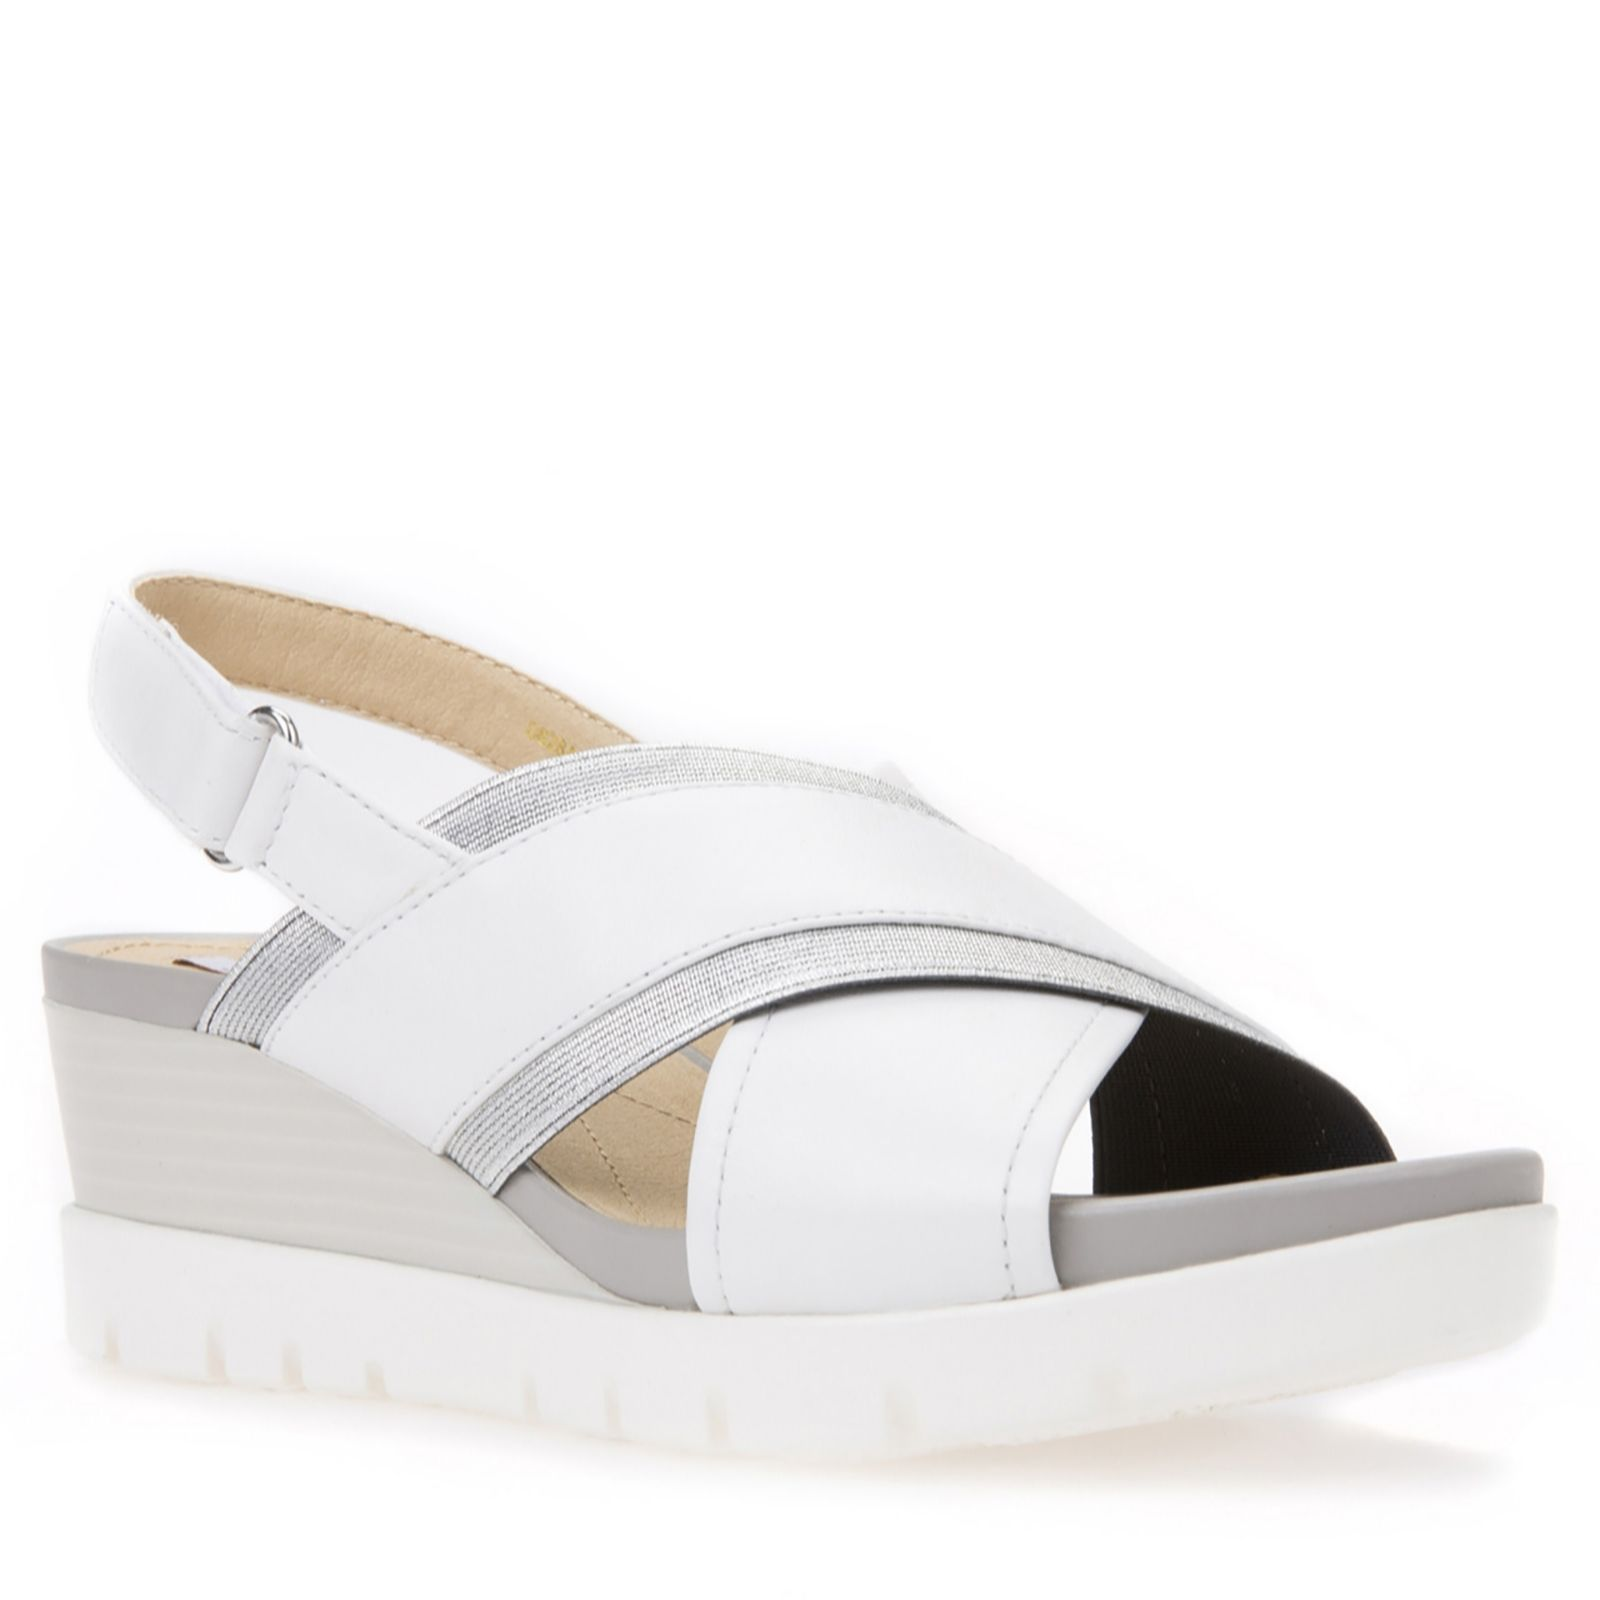 0eef8bff86e Geox Mary Karmen Wedge Sandals - QVC UK